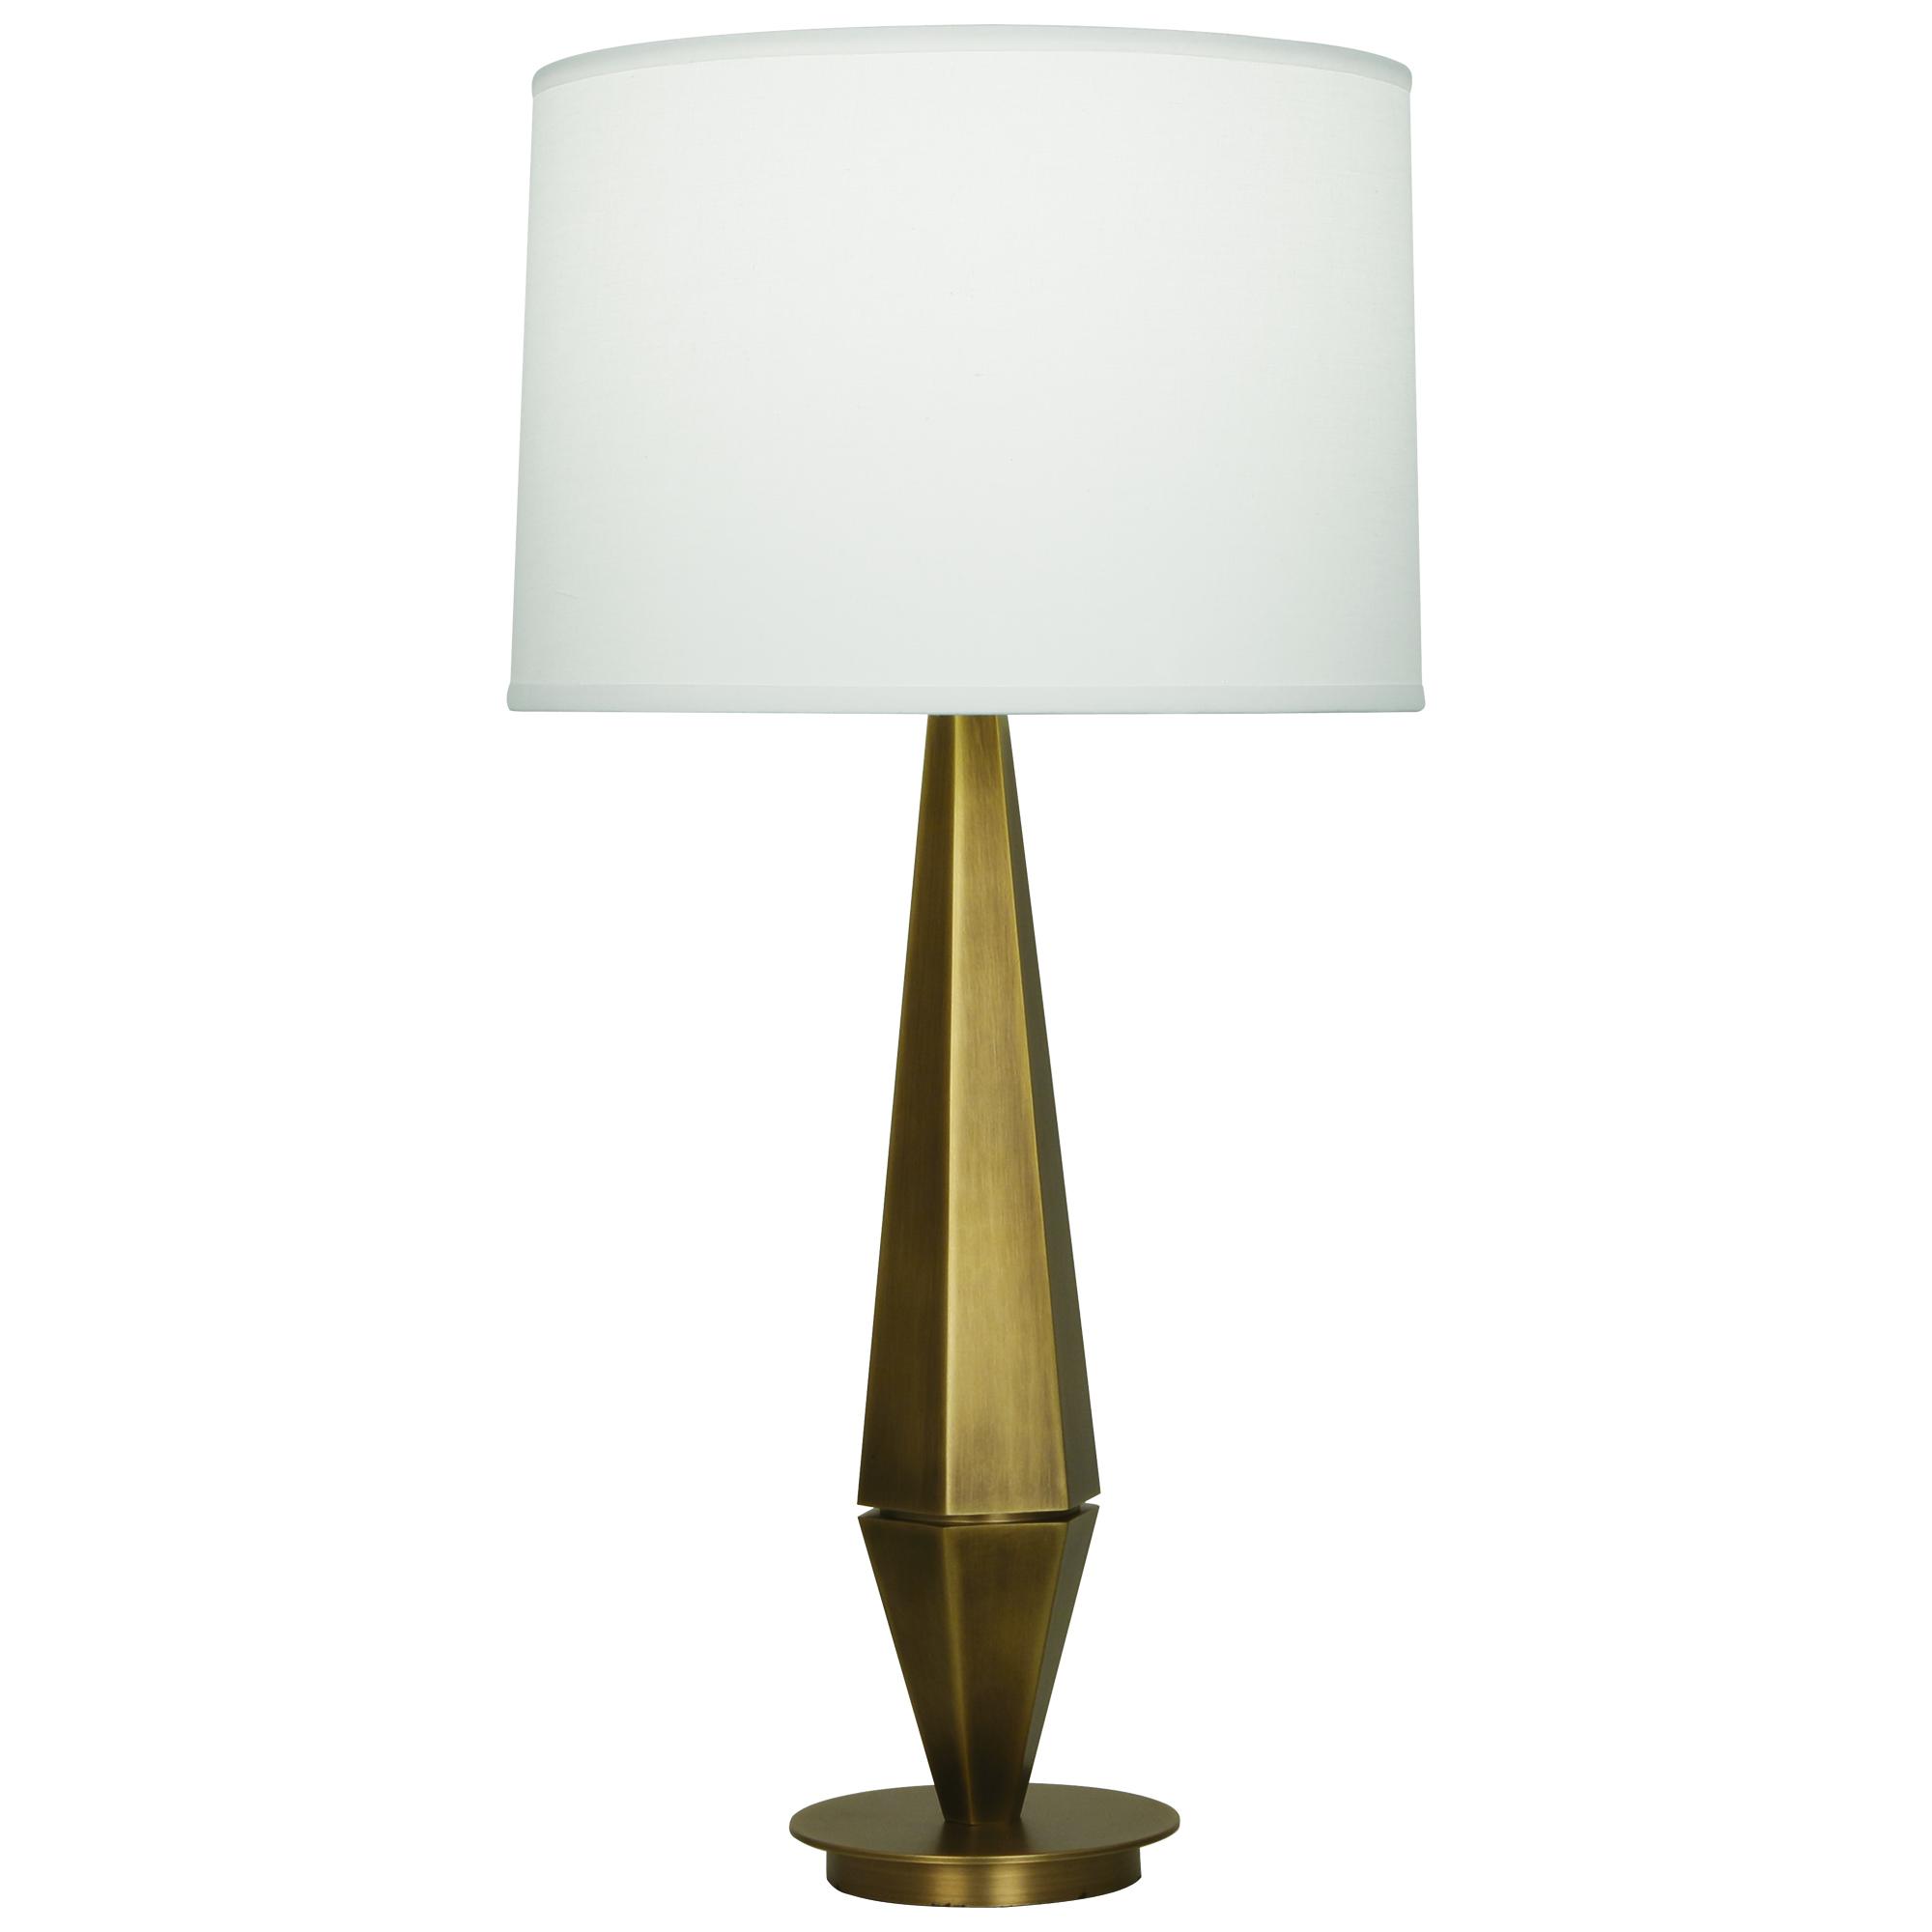 Wheatley Table Lamp Style #252